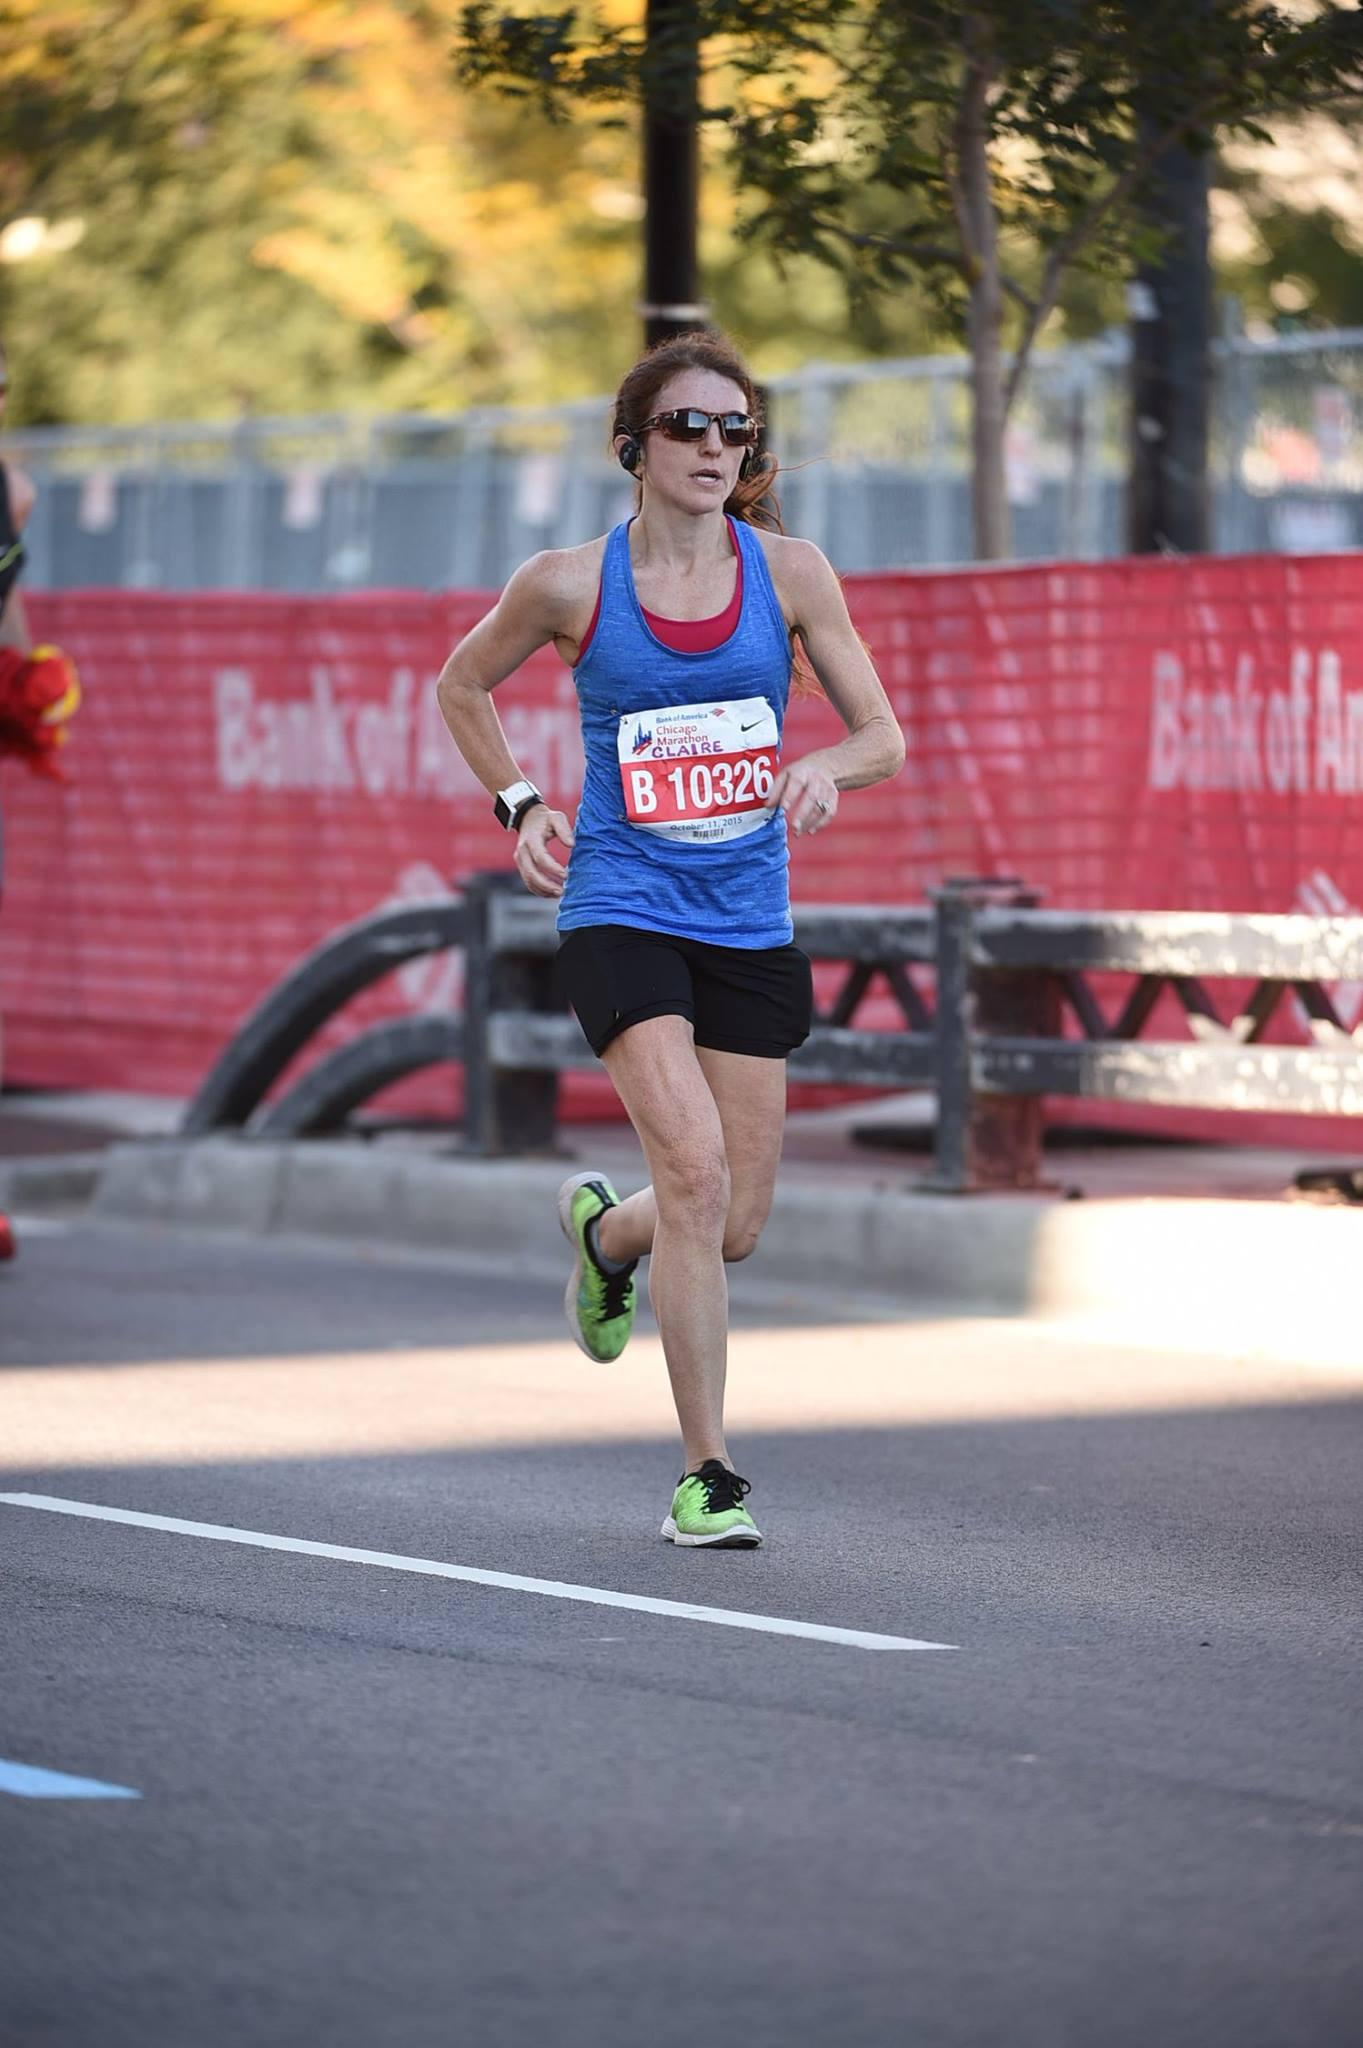 chicago marathon, low bmi, marathoner